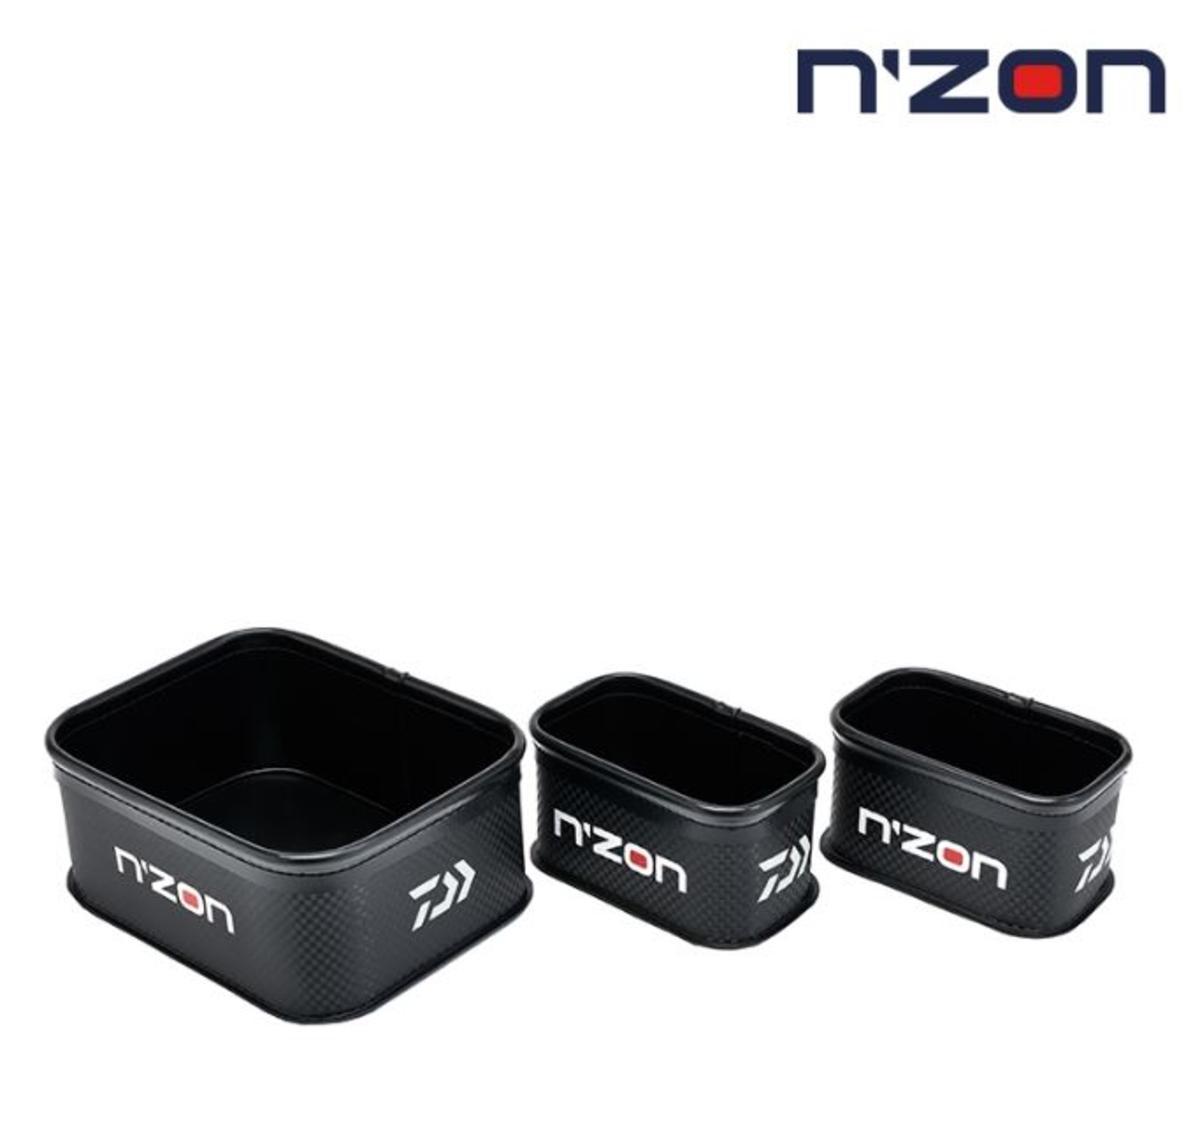 New Daiwa N'ZON EVA Bait Bowl Set 1 - NZEVAAB-1